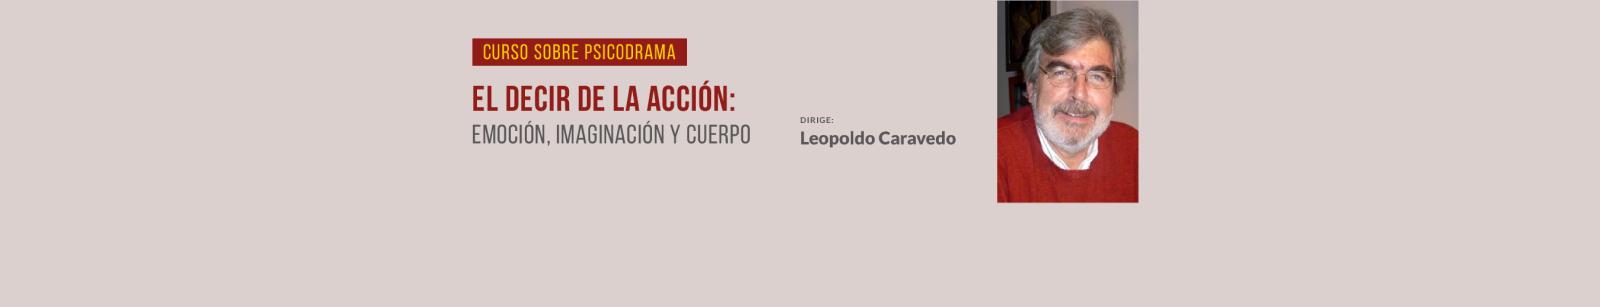 Curso: Leopoldo Caravedo